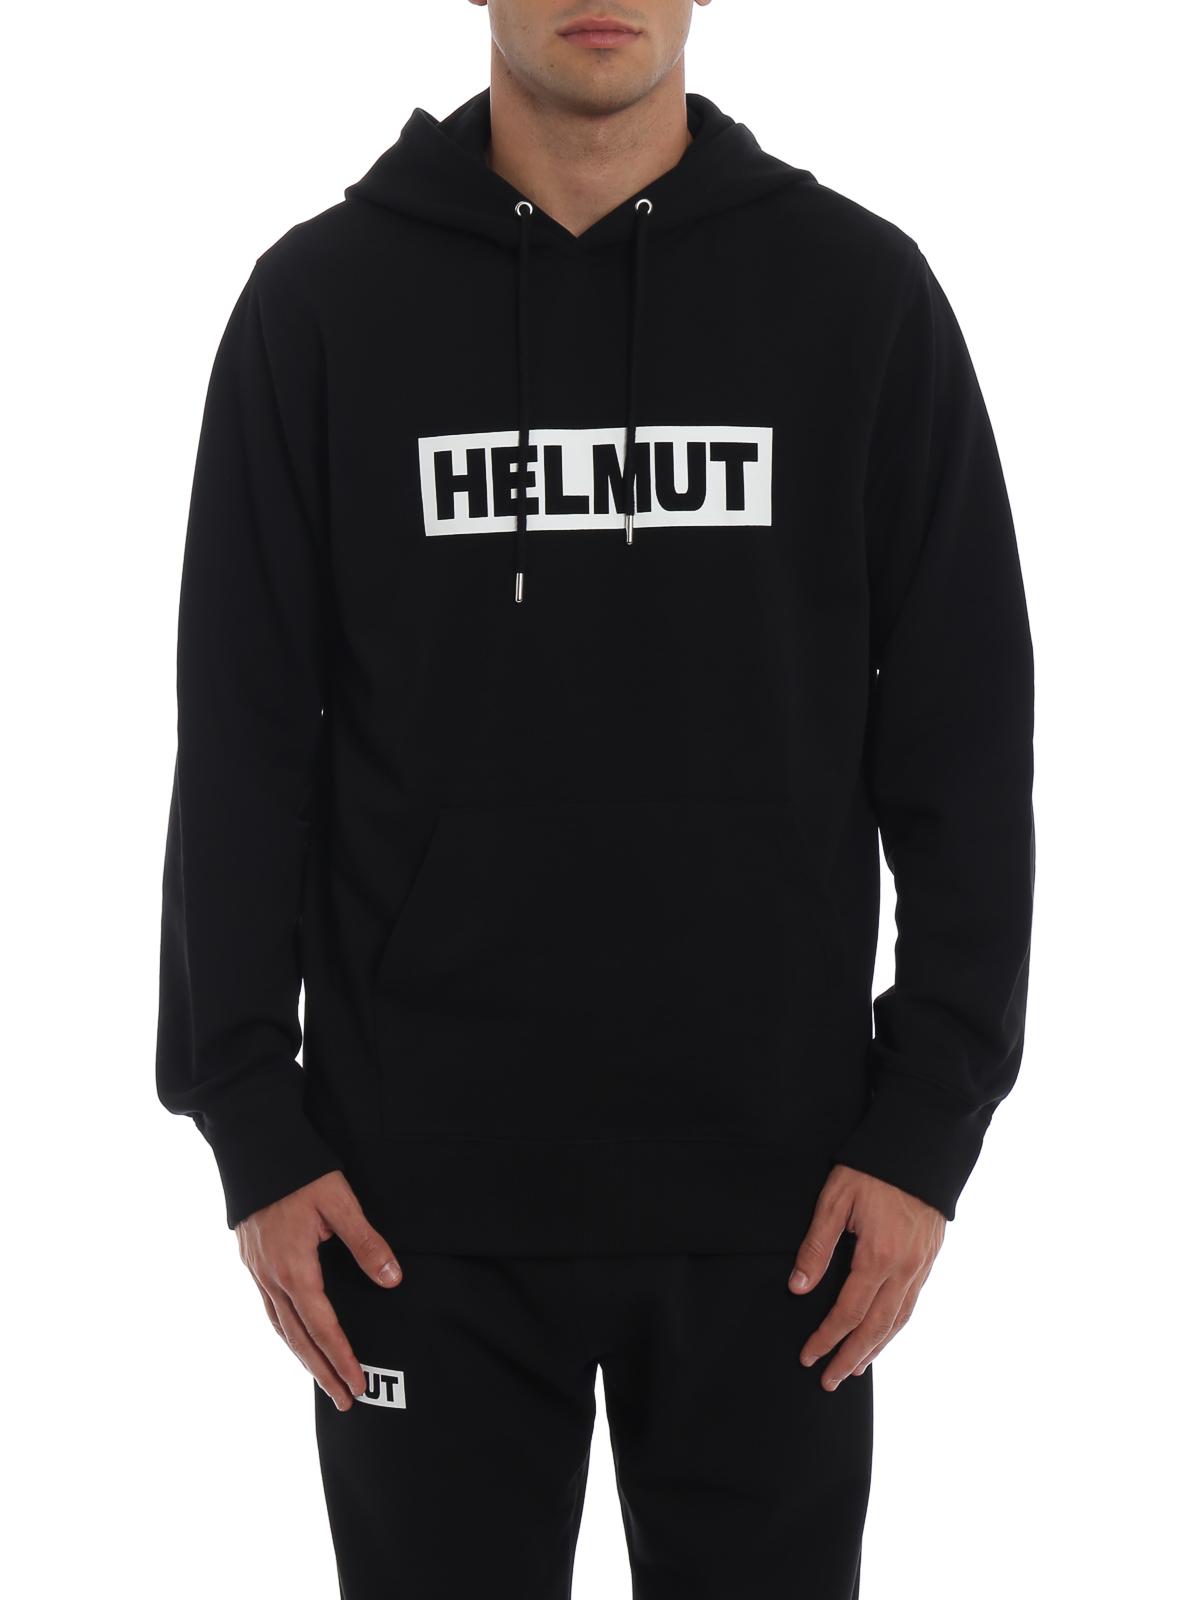 74a9bddfa5c46b iKRIX HELMUT LANG: Sweatshirts und Pullover - Sweatshirt - Schwarz